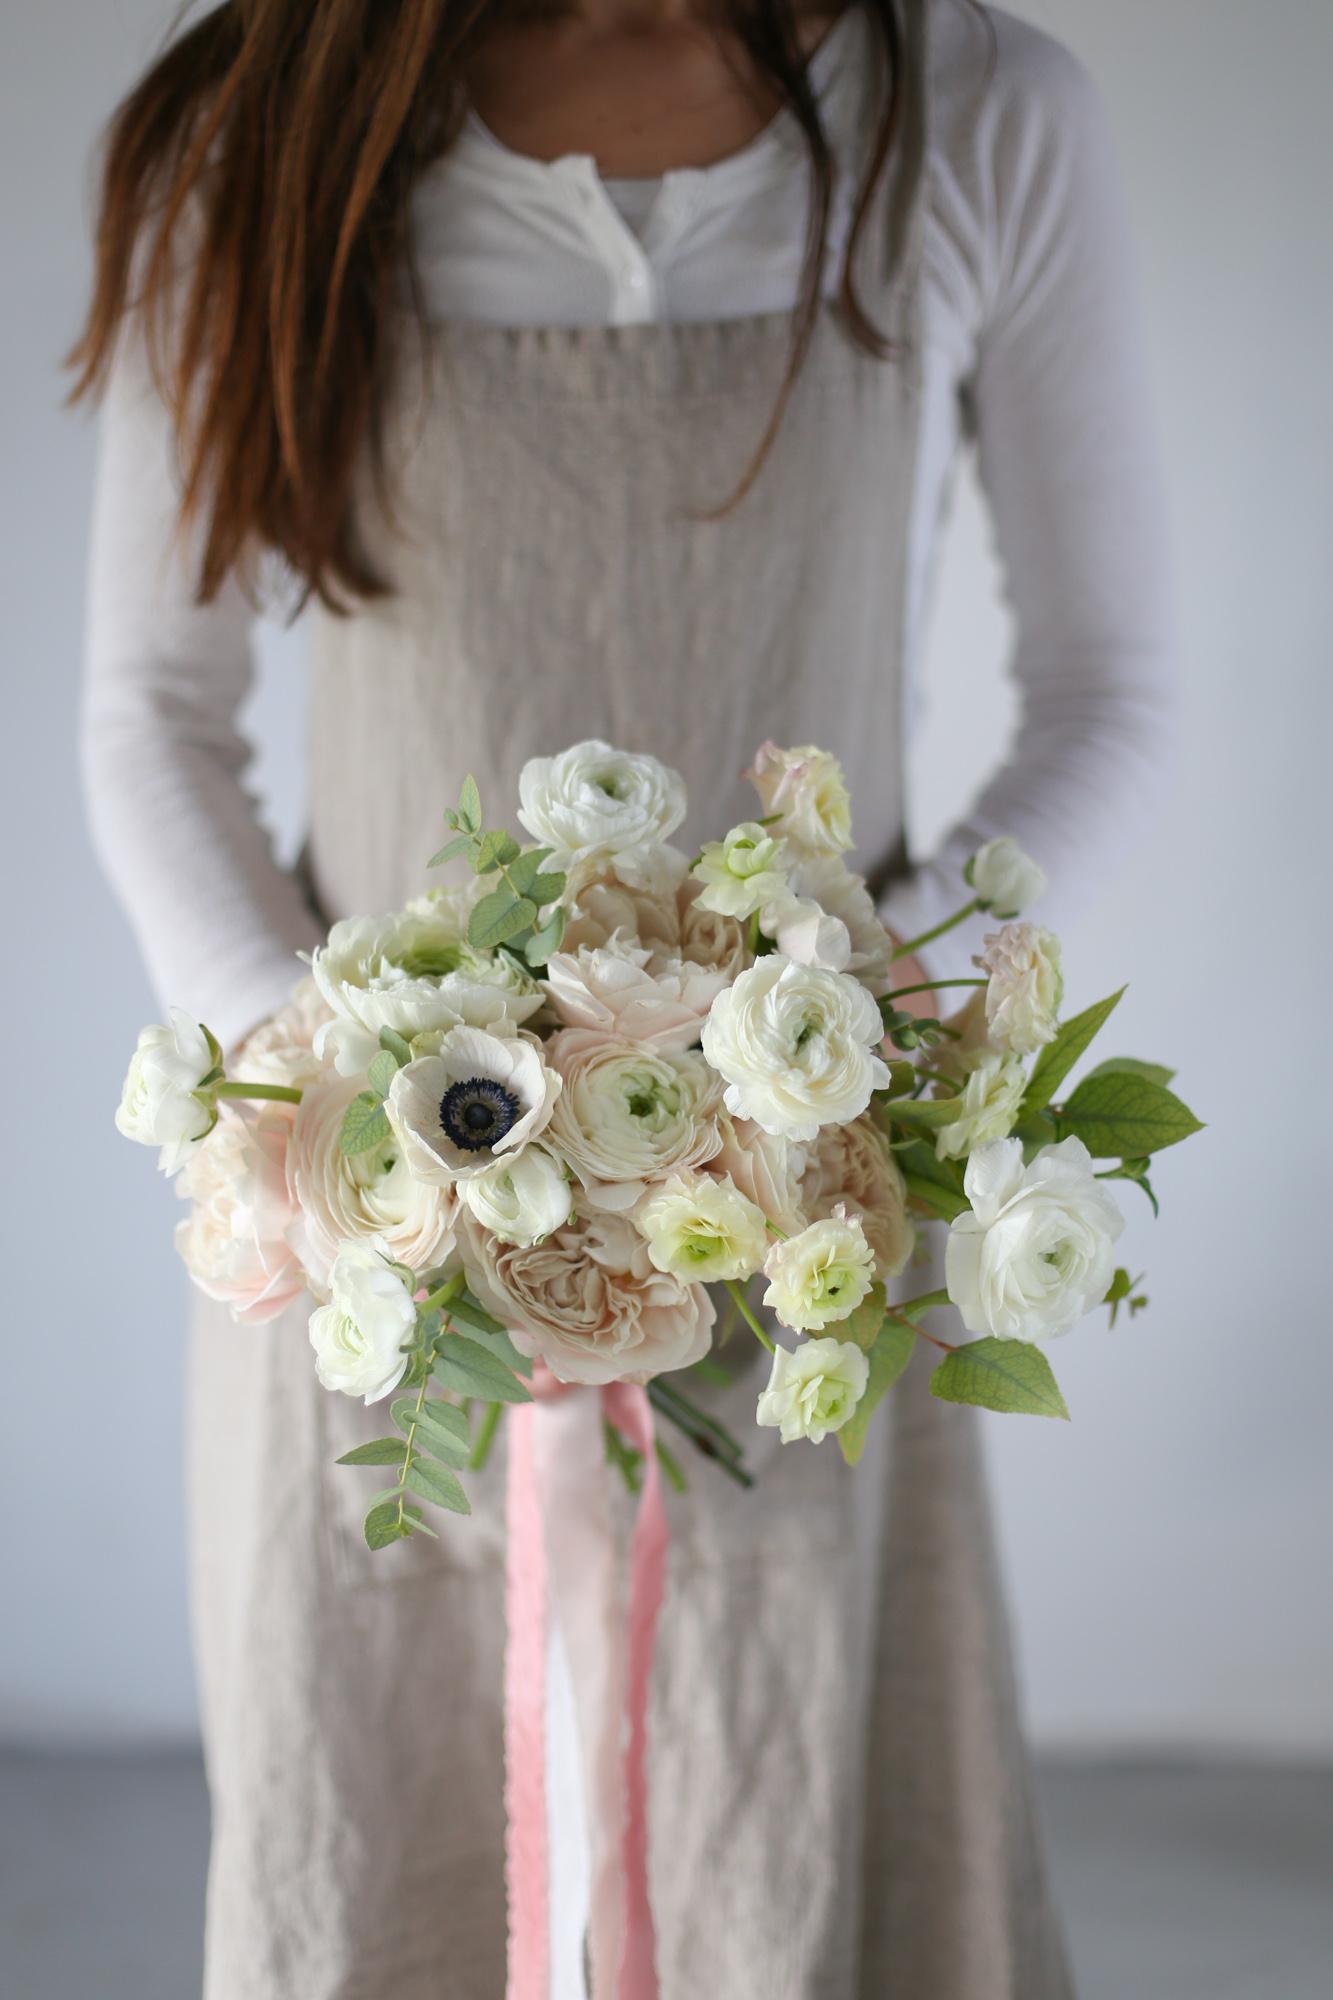 Bouquet de mariée - Formation fleuriste